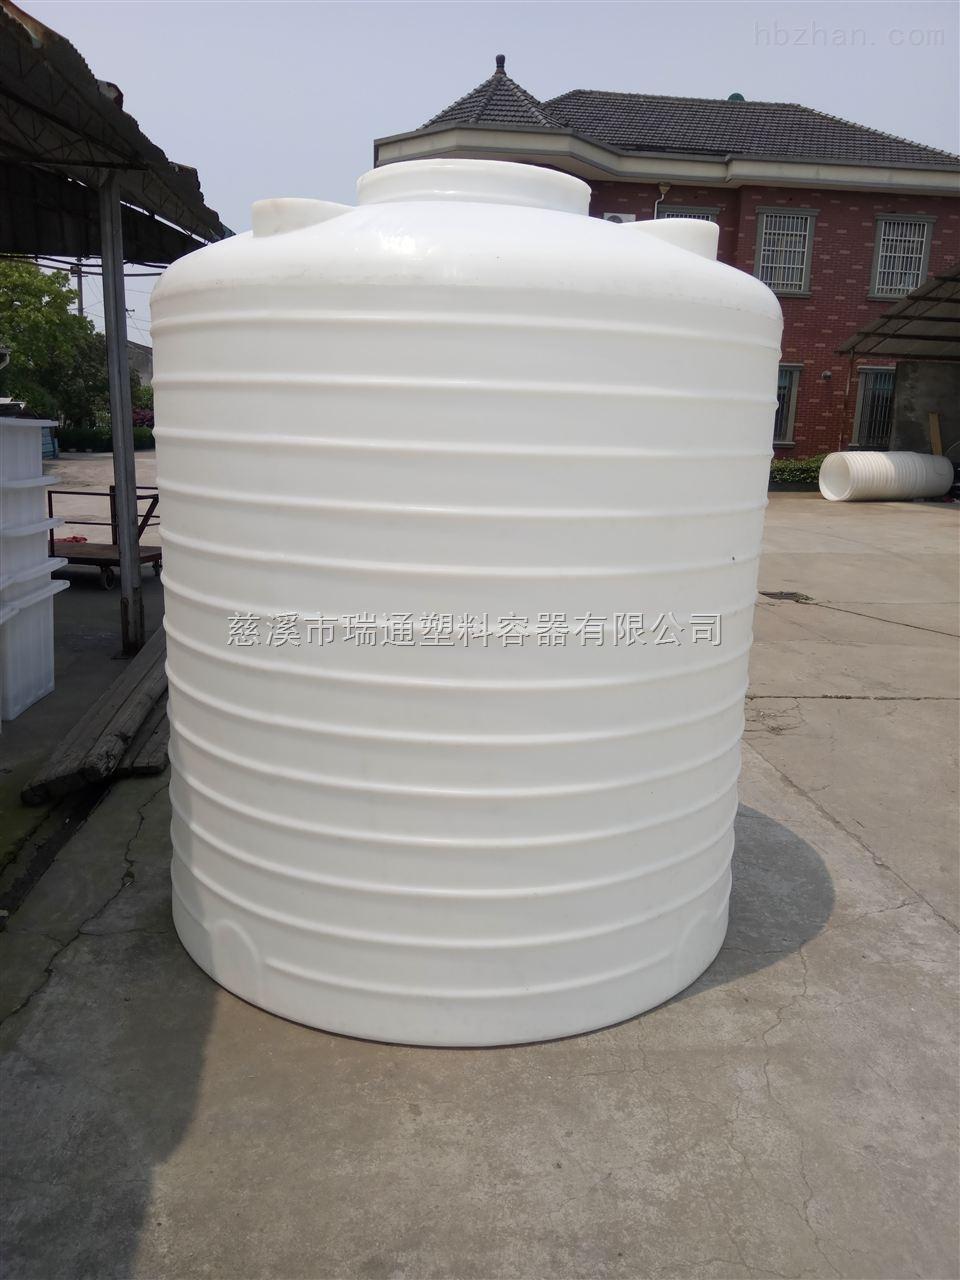 5噸塑料蓄水塔 5000L聚乙烯塑料水塔PE材質一體成型價格